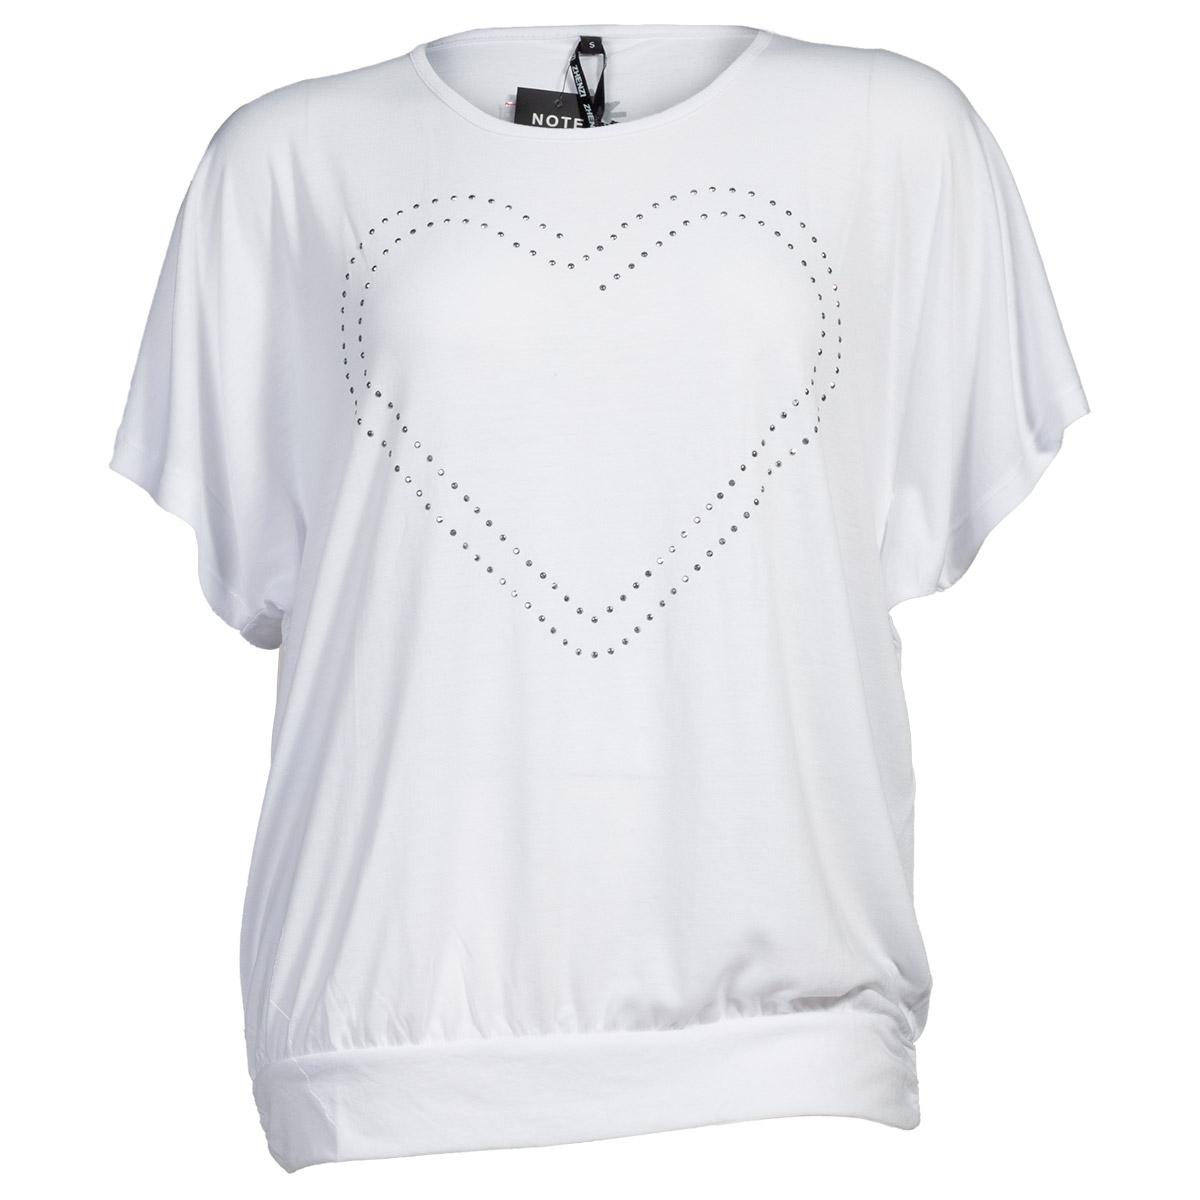 Hvid t-shirt med hjerte